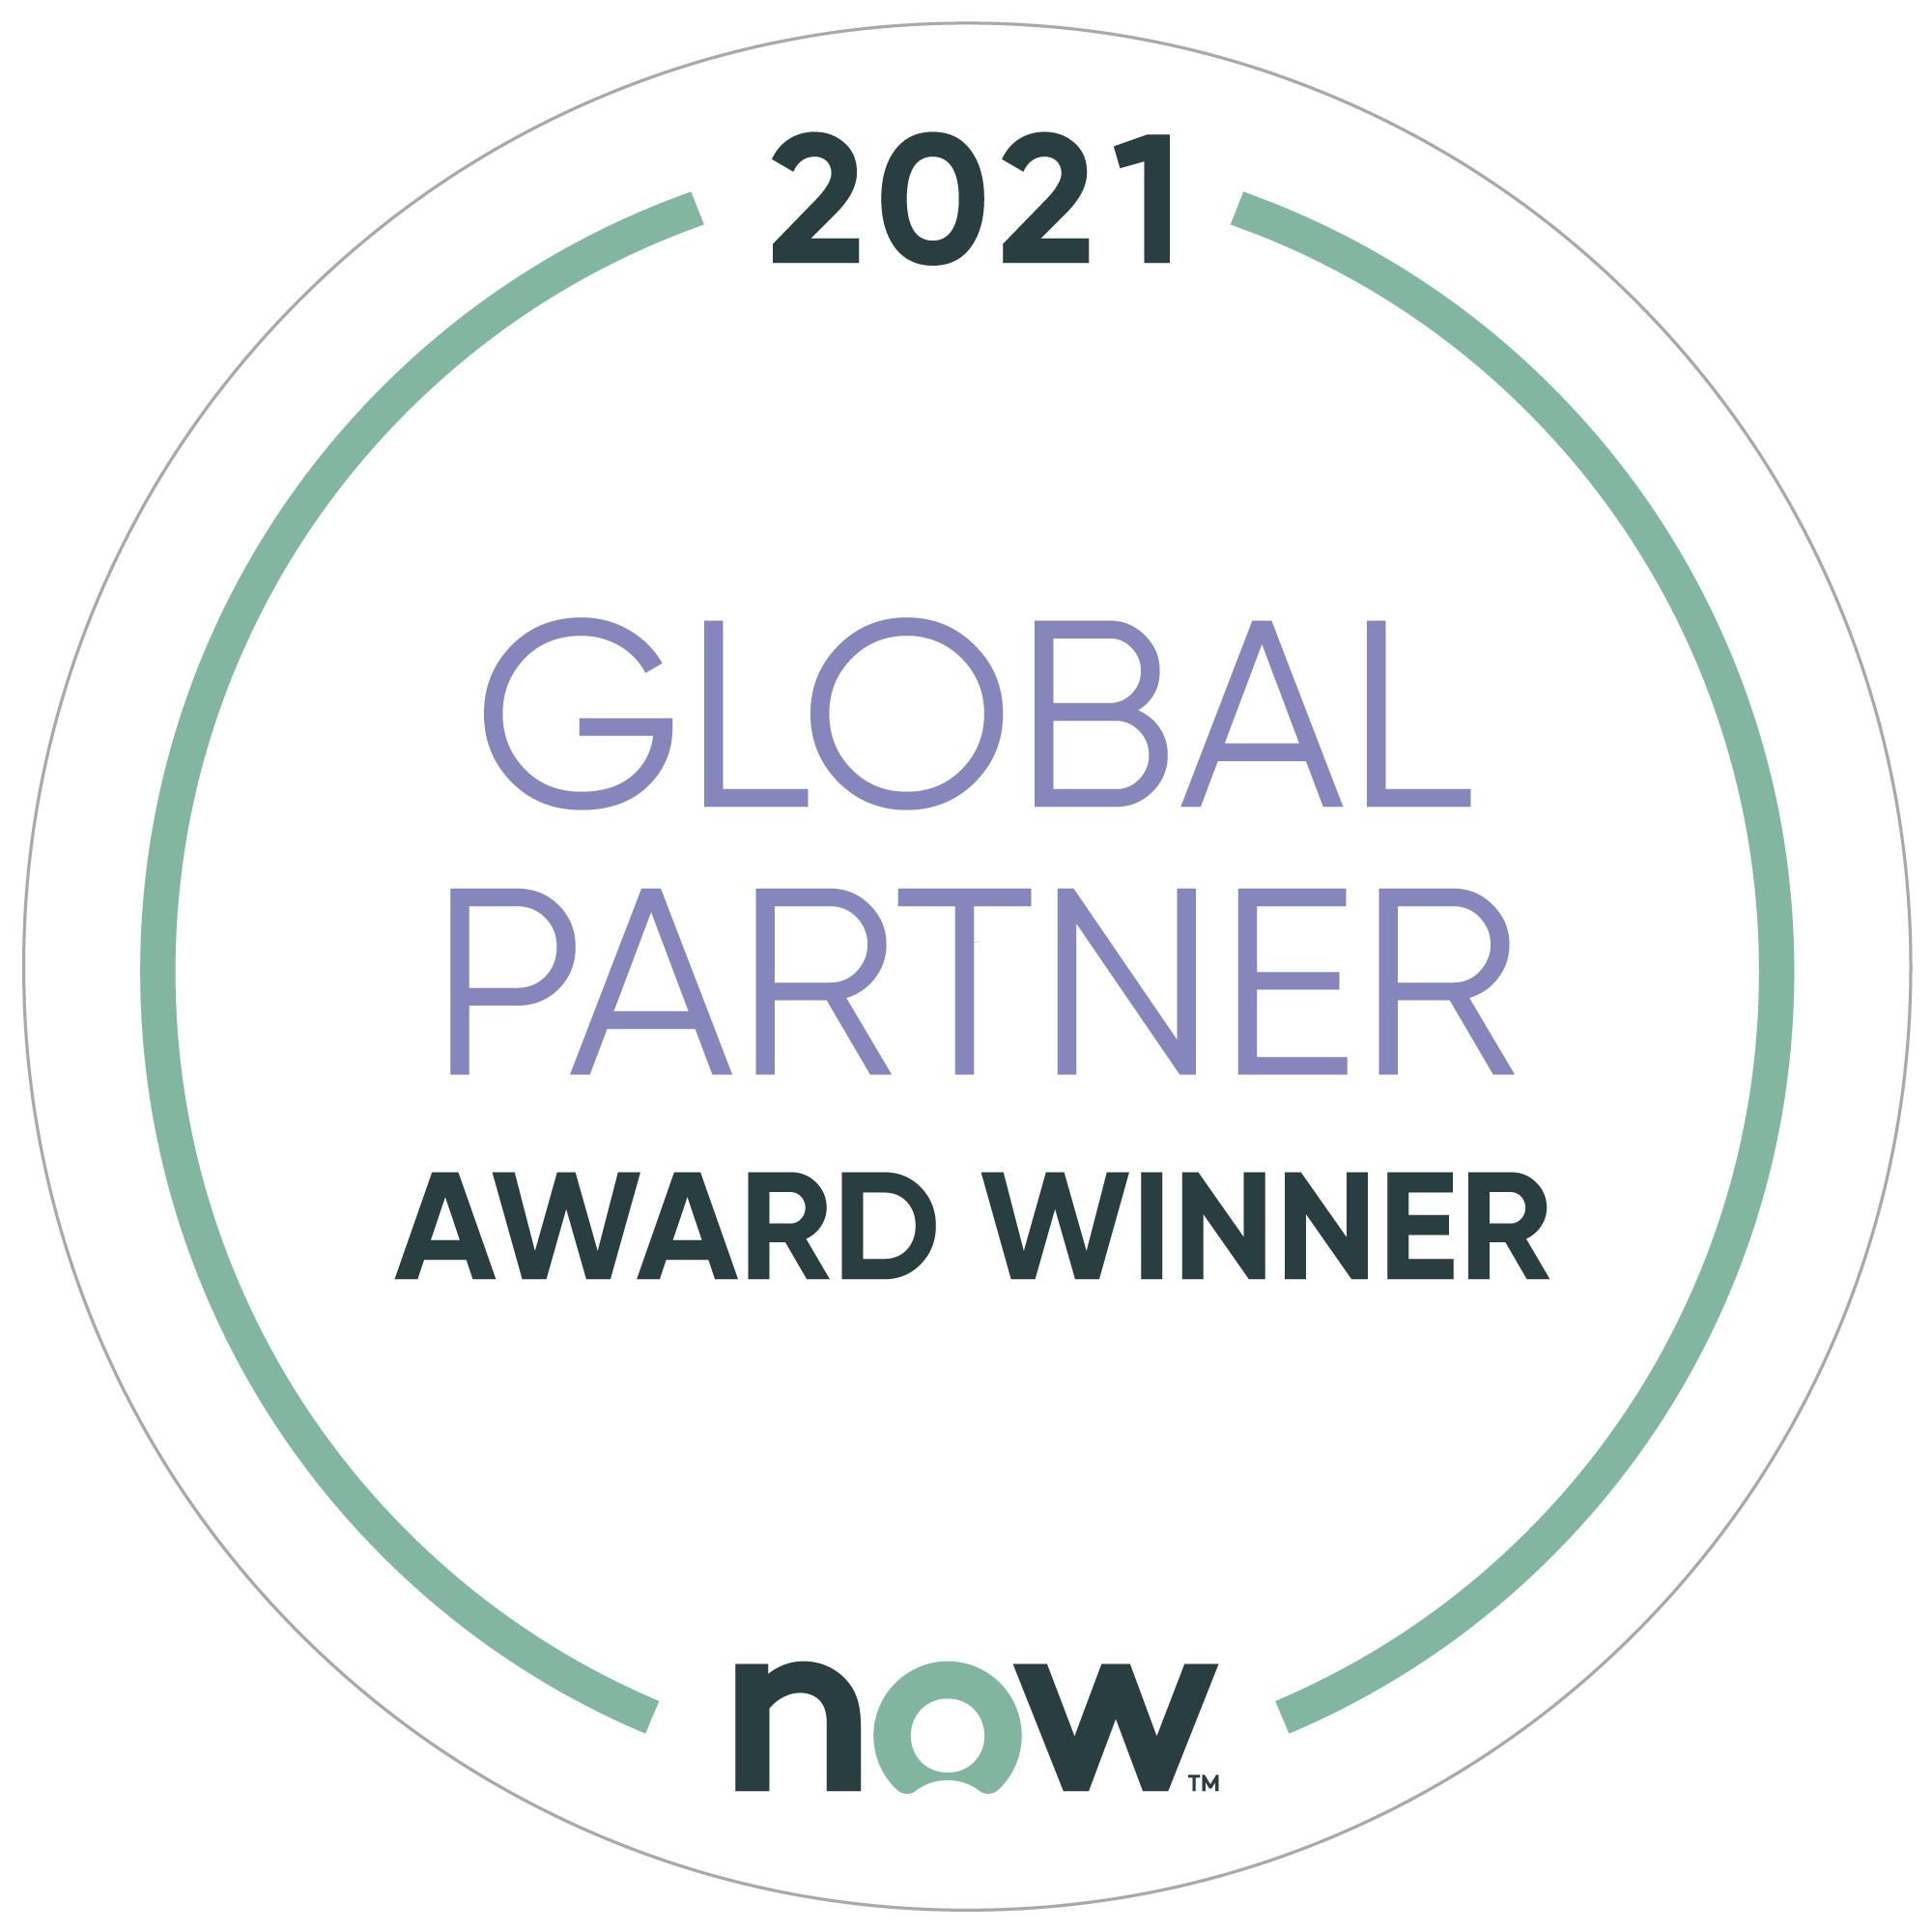 2021 Global Partner - Award Winner - ServiceNow